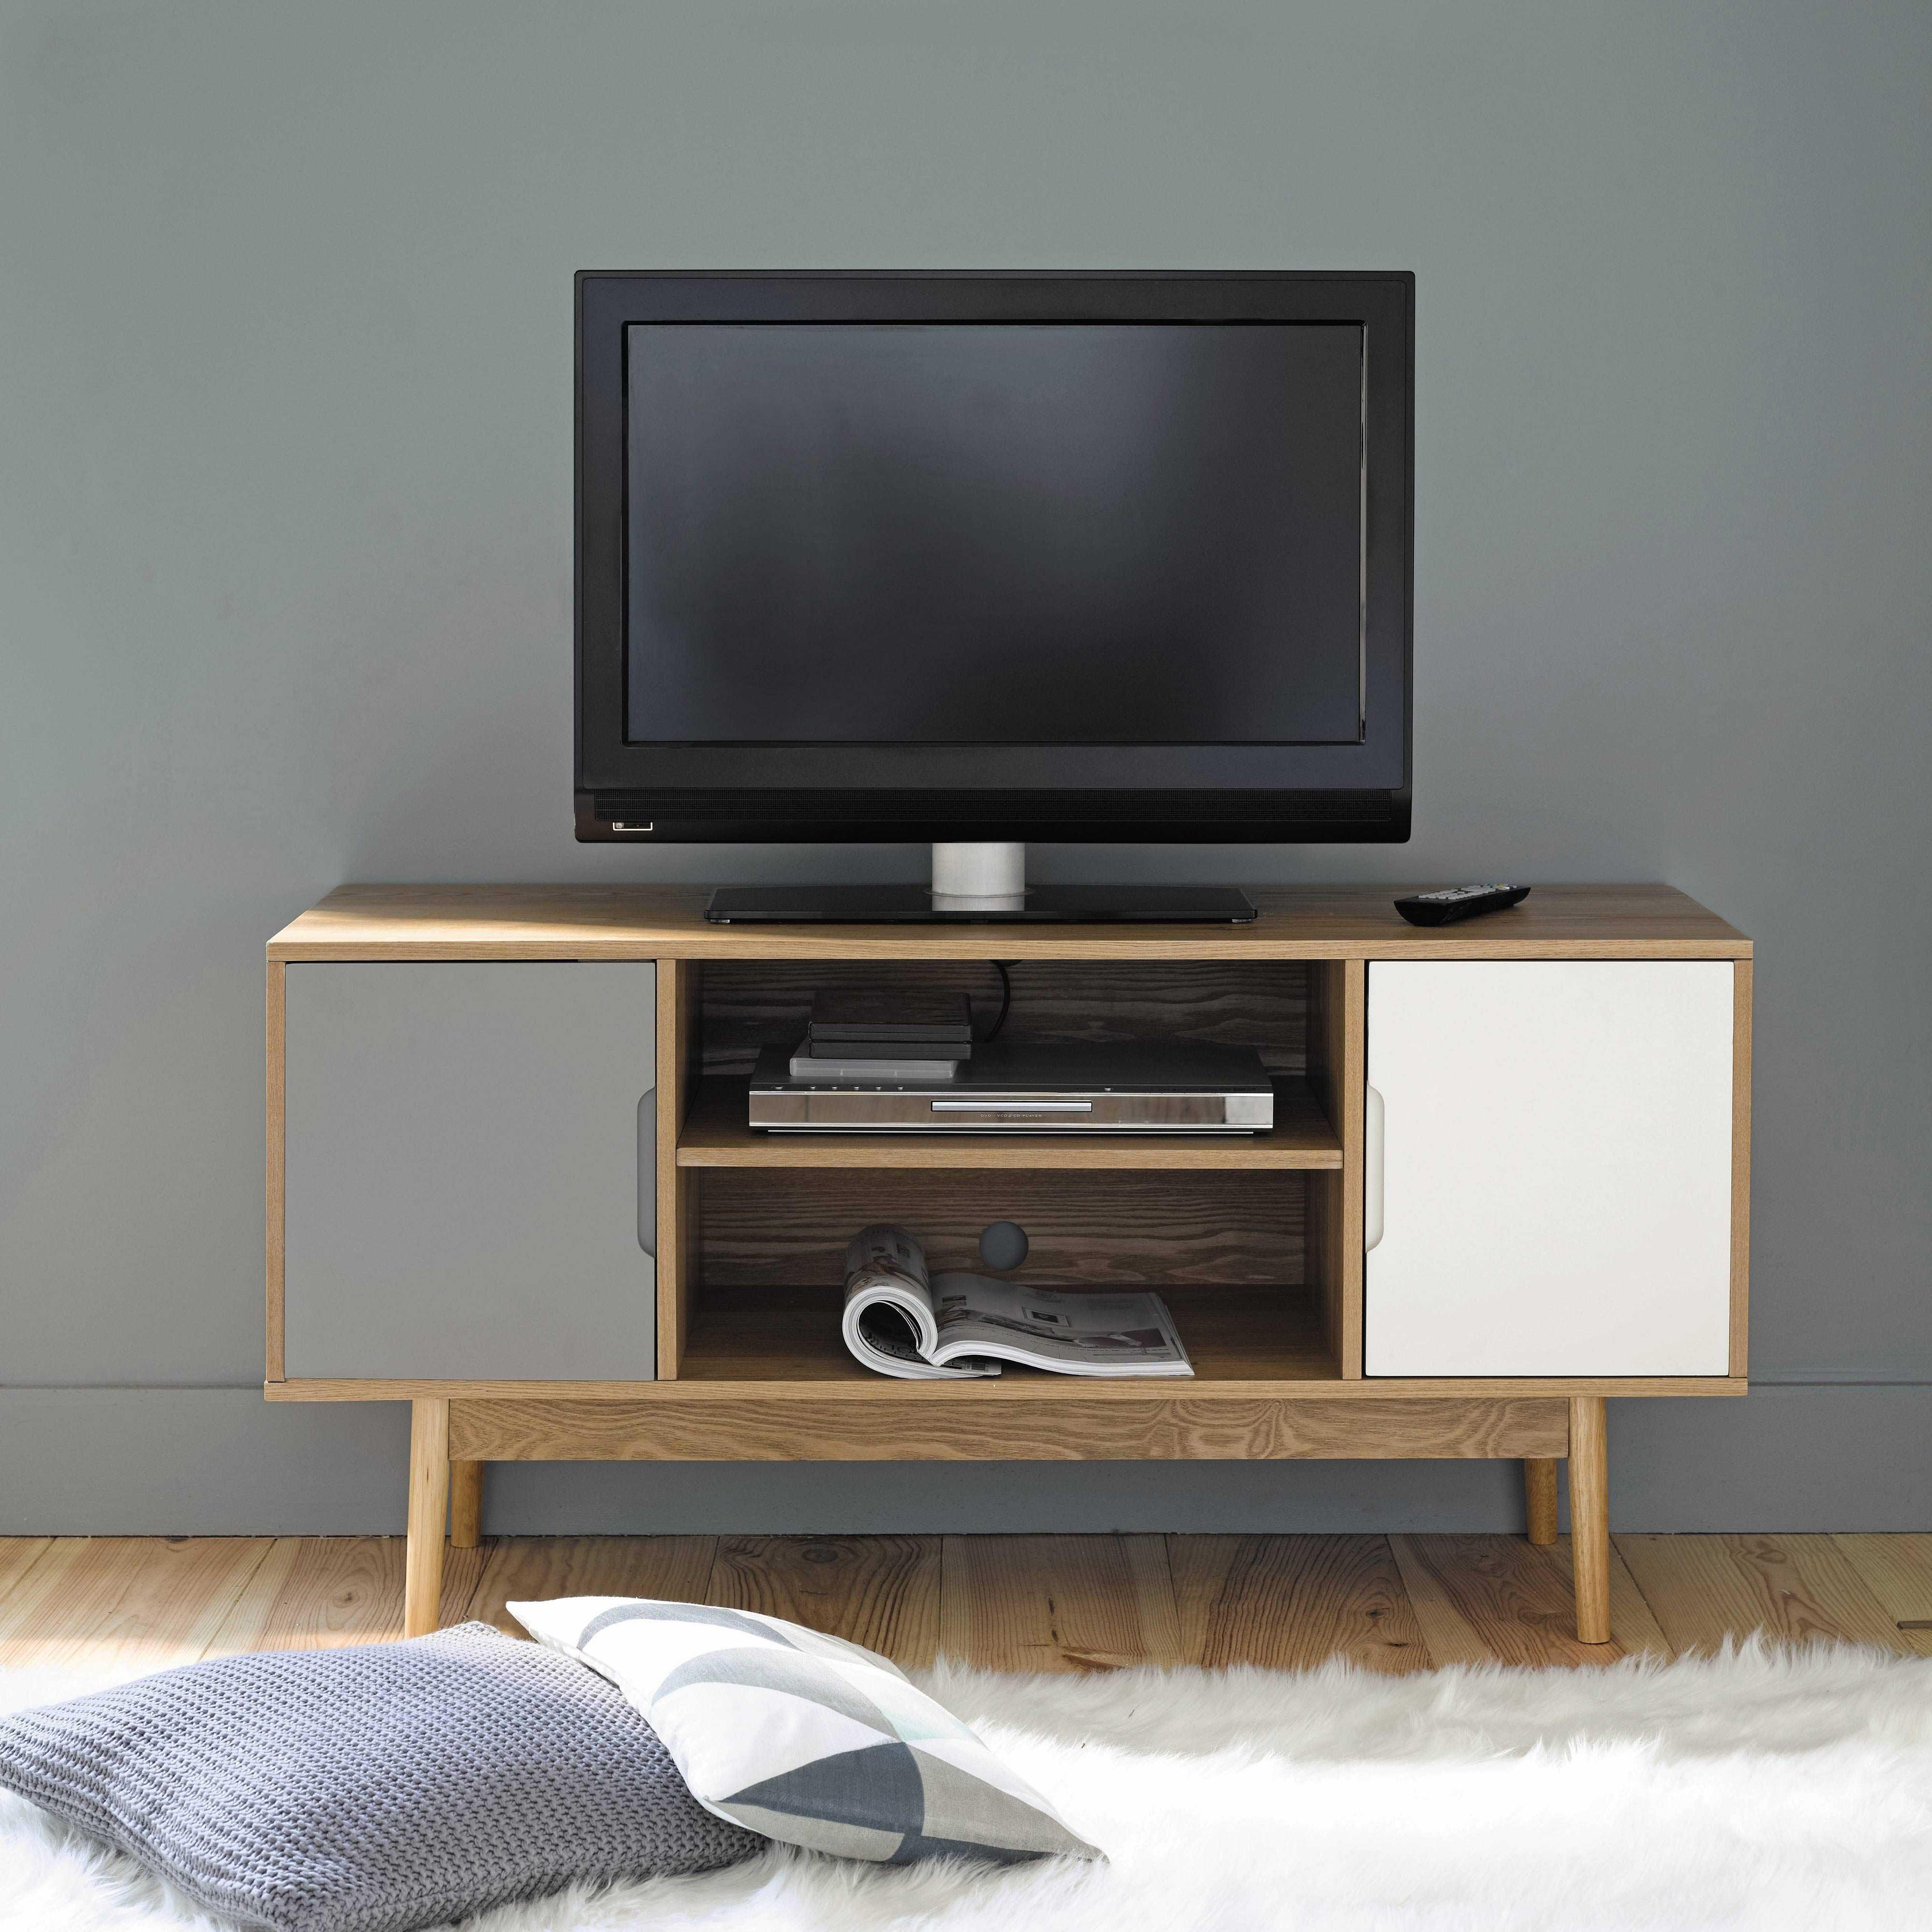 TV-Lowboard im Vintage-Stil mit 2 Türen, weiß/grau